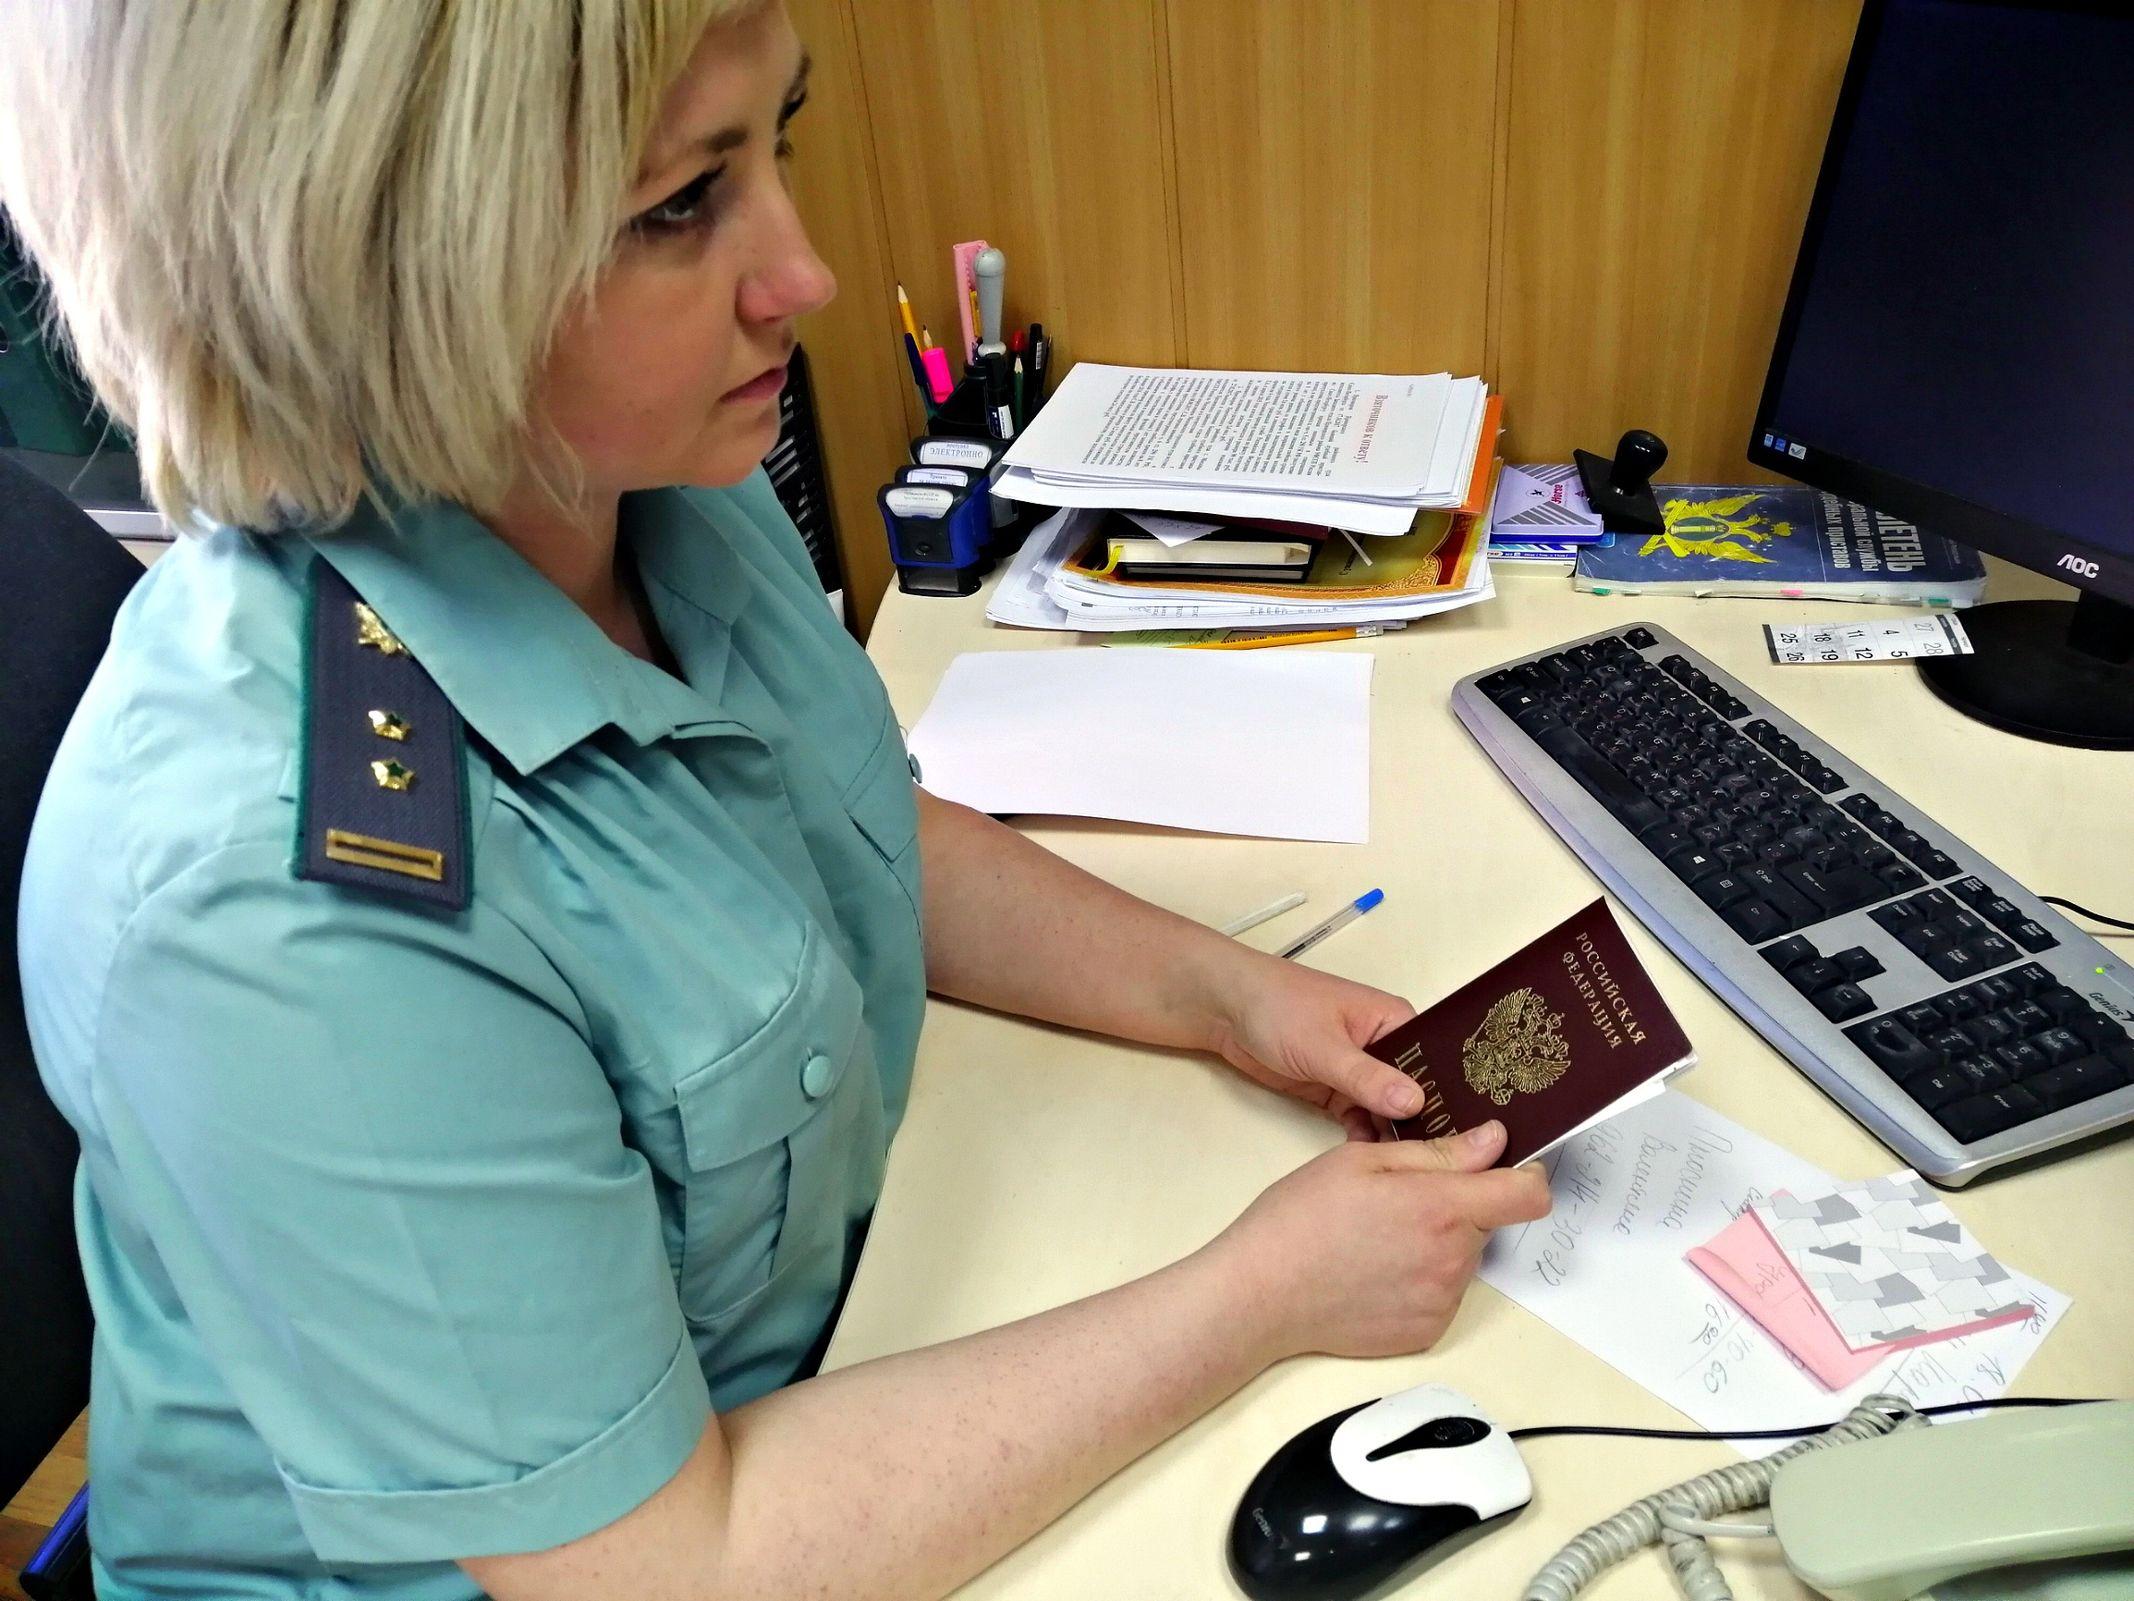 Житель Рыбинска заплатил за отца долги, чтобы тот уехал за границу